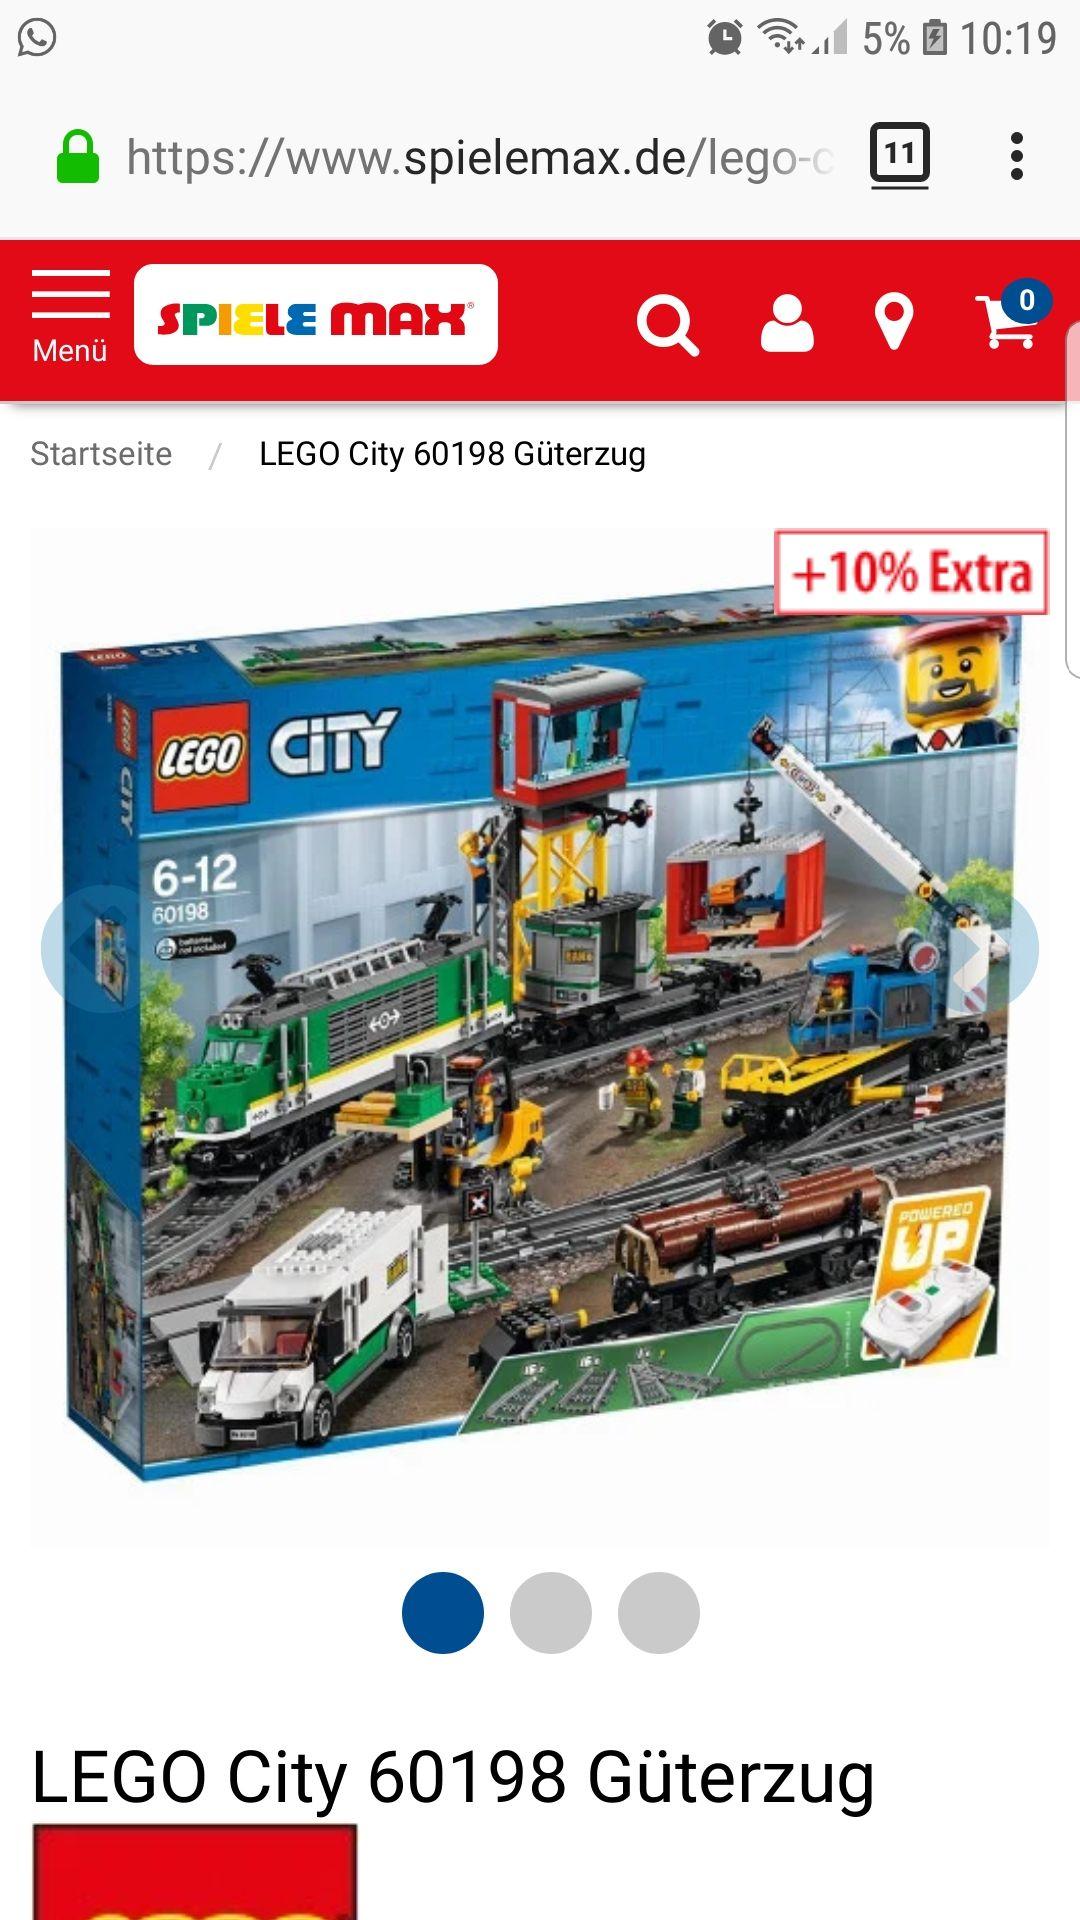 Lego 60198 für 119,98 inkl Versand bei Spielemax